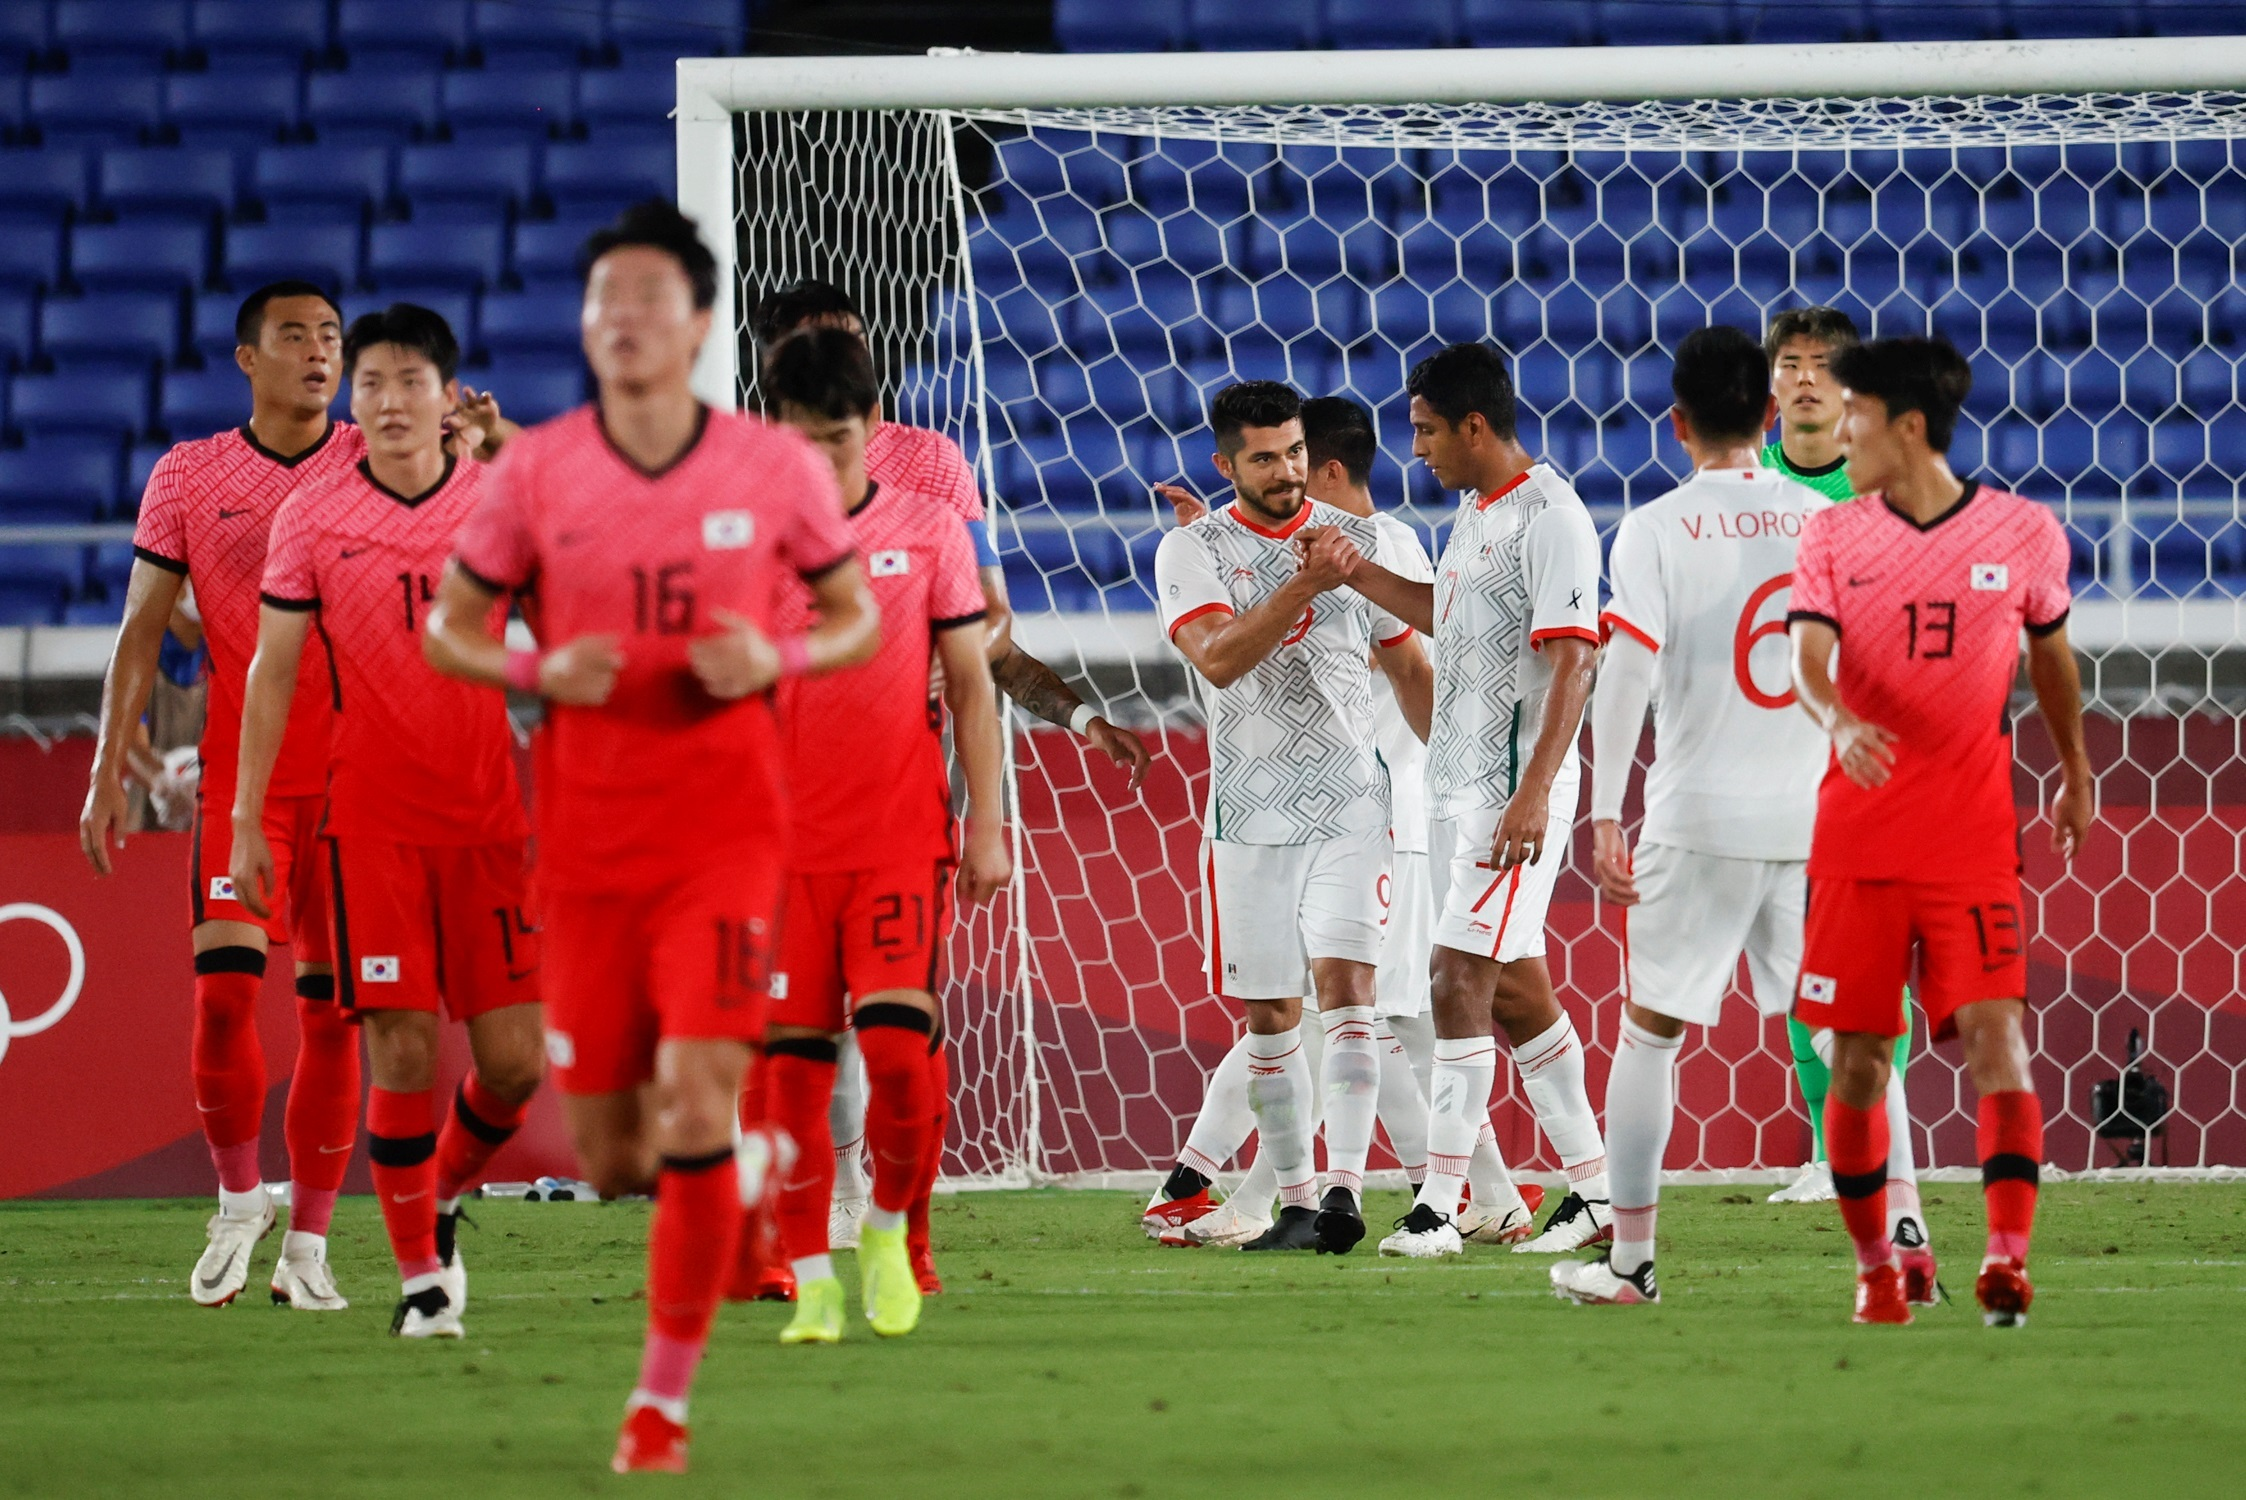 Los jugadores mexicanos celebran el 1-3 en el encuentro de Cuartos de Final entre Corea del Sur y México, durante los Juegos Olímpicos 2020, en el Estadio Internacional de Yokohama. Foto de EFE/ Miguel Gutiérrez.